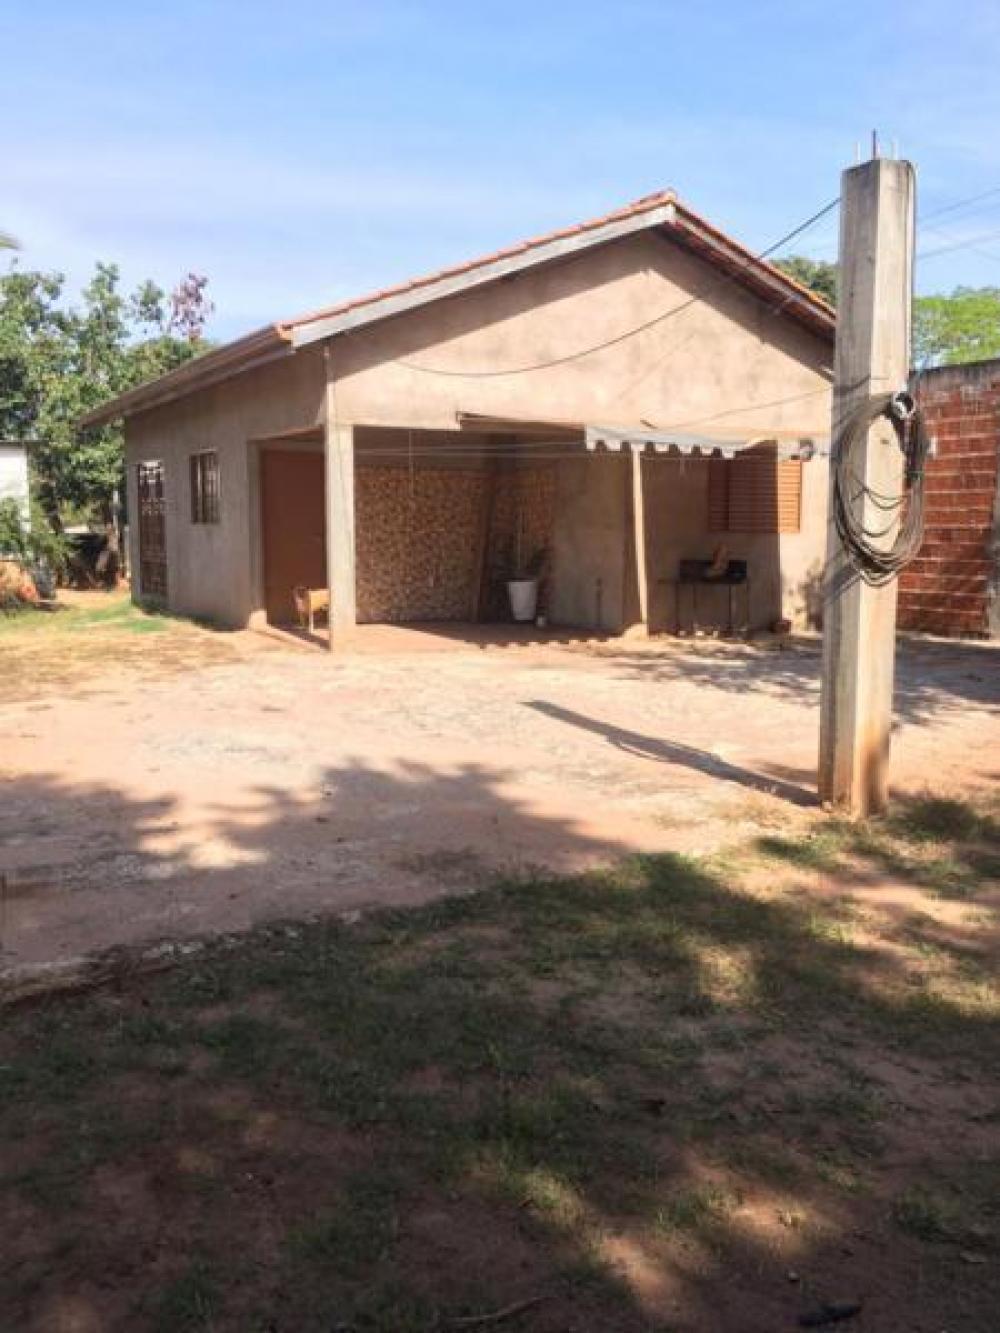 Comprar Rural / Chácara em São José do Rio Preto R$ 600.000,00 - Foto 18